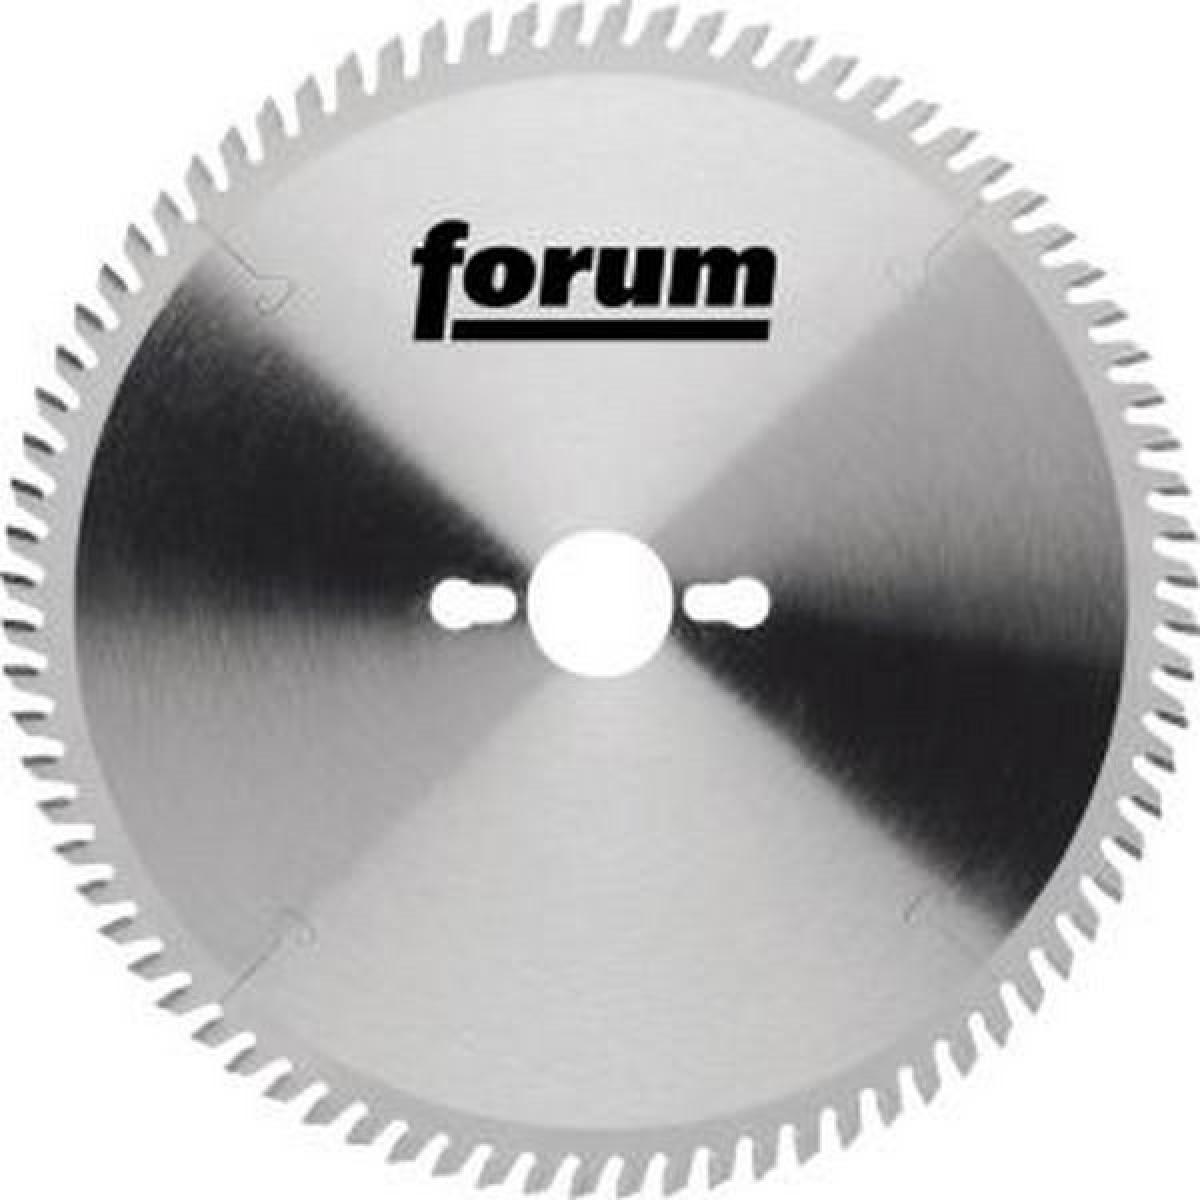 Forum Lame de scie circulaire, Ø : 185 mm, Larg. : 2,6 mm, Alésage 30 mm, Perçages secondaires : 2KN, Dents : 24